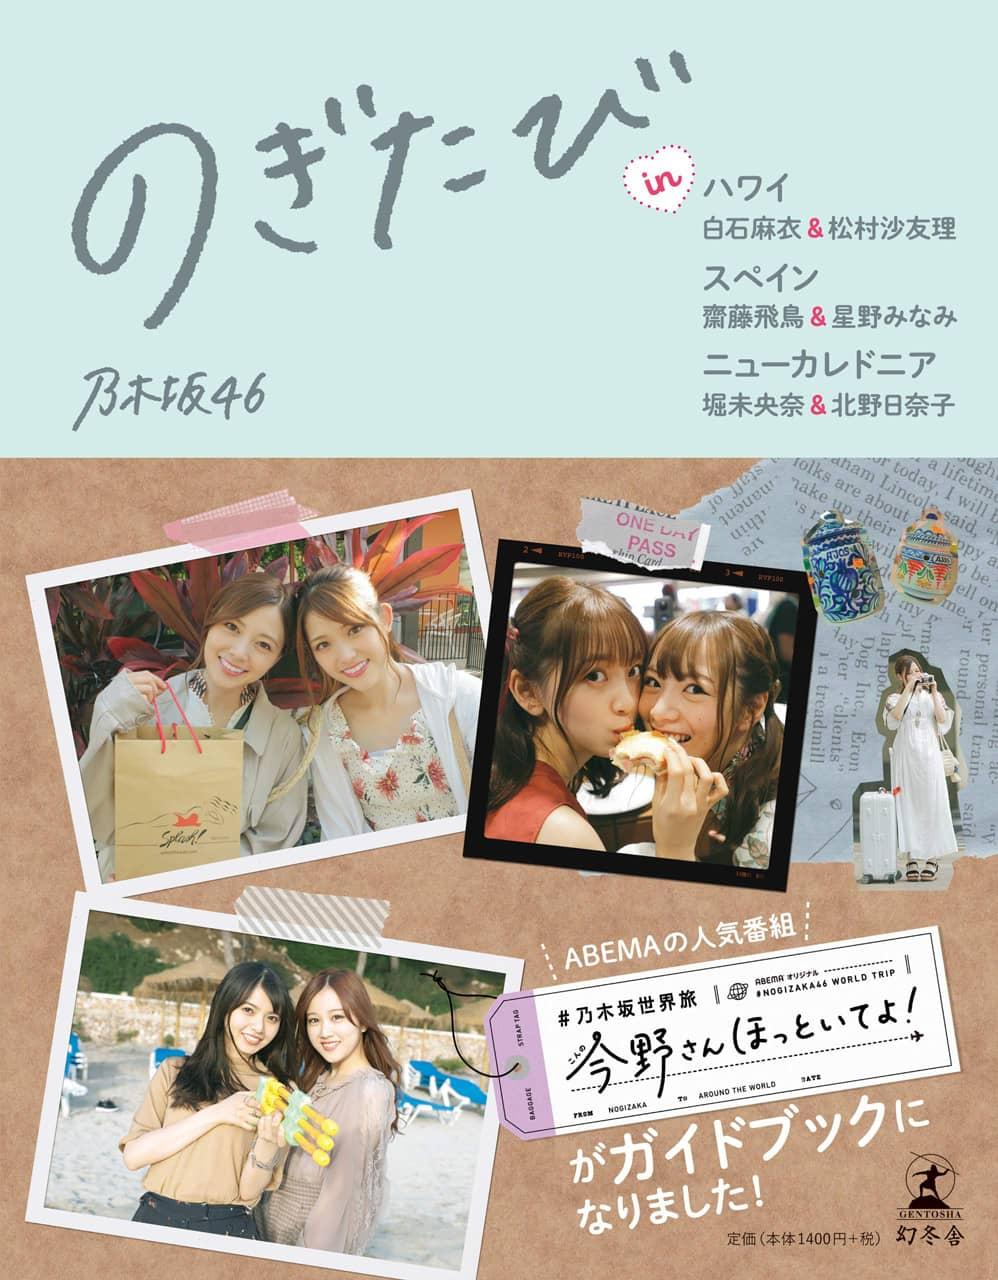 乃木坂46初の旅行ガイドブック「のぎたび」本日5/14発売!